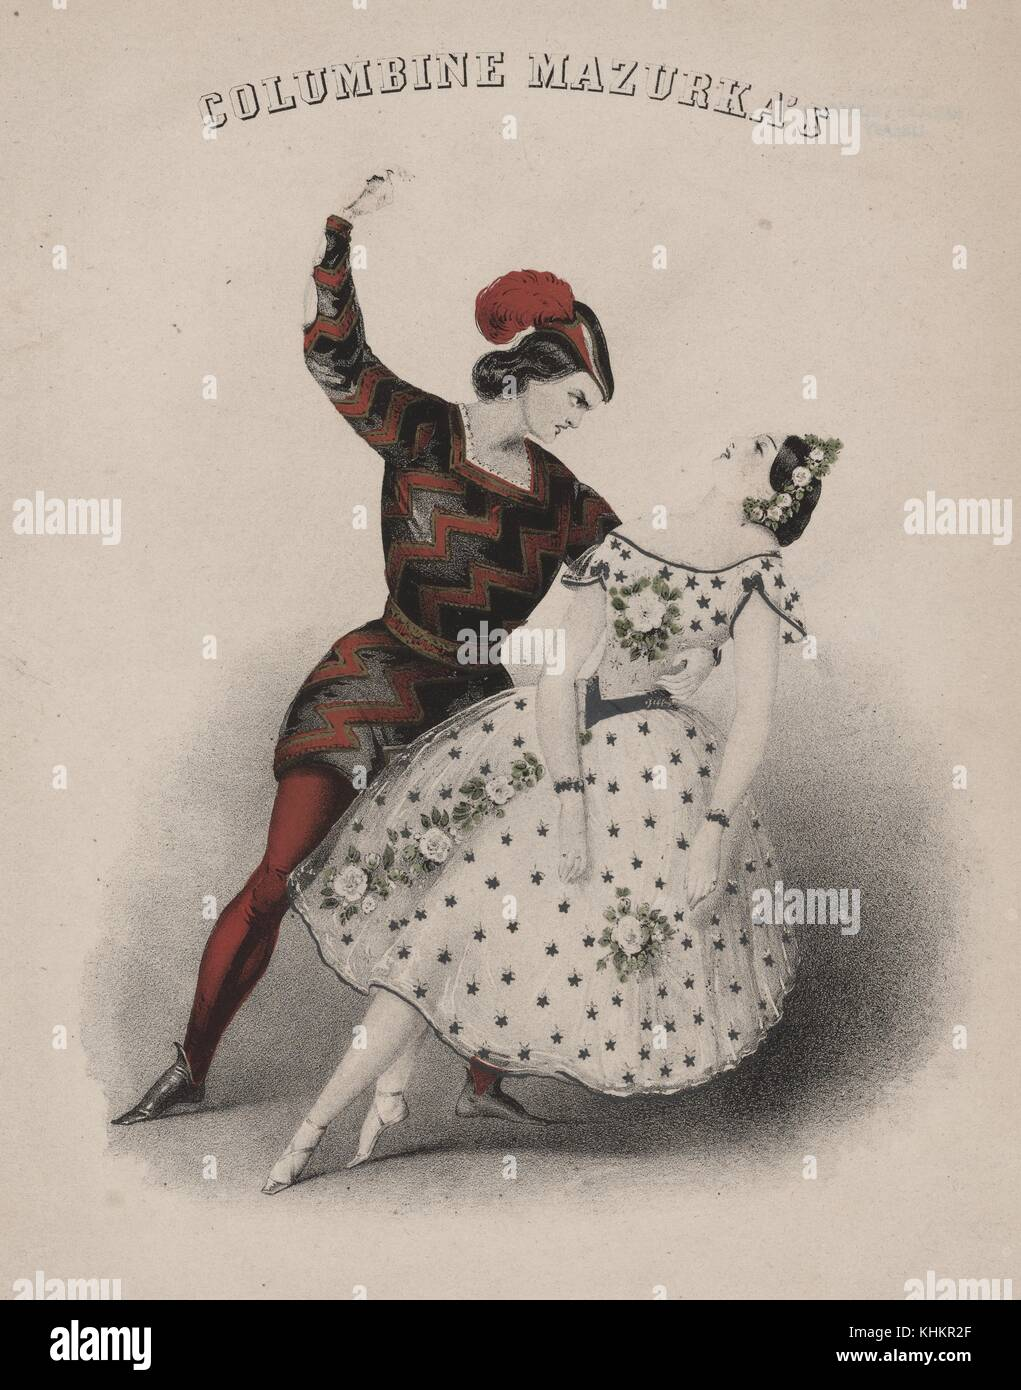 Une Couleur Deux Personnes Dansant Représentant Lithographie PuXZik